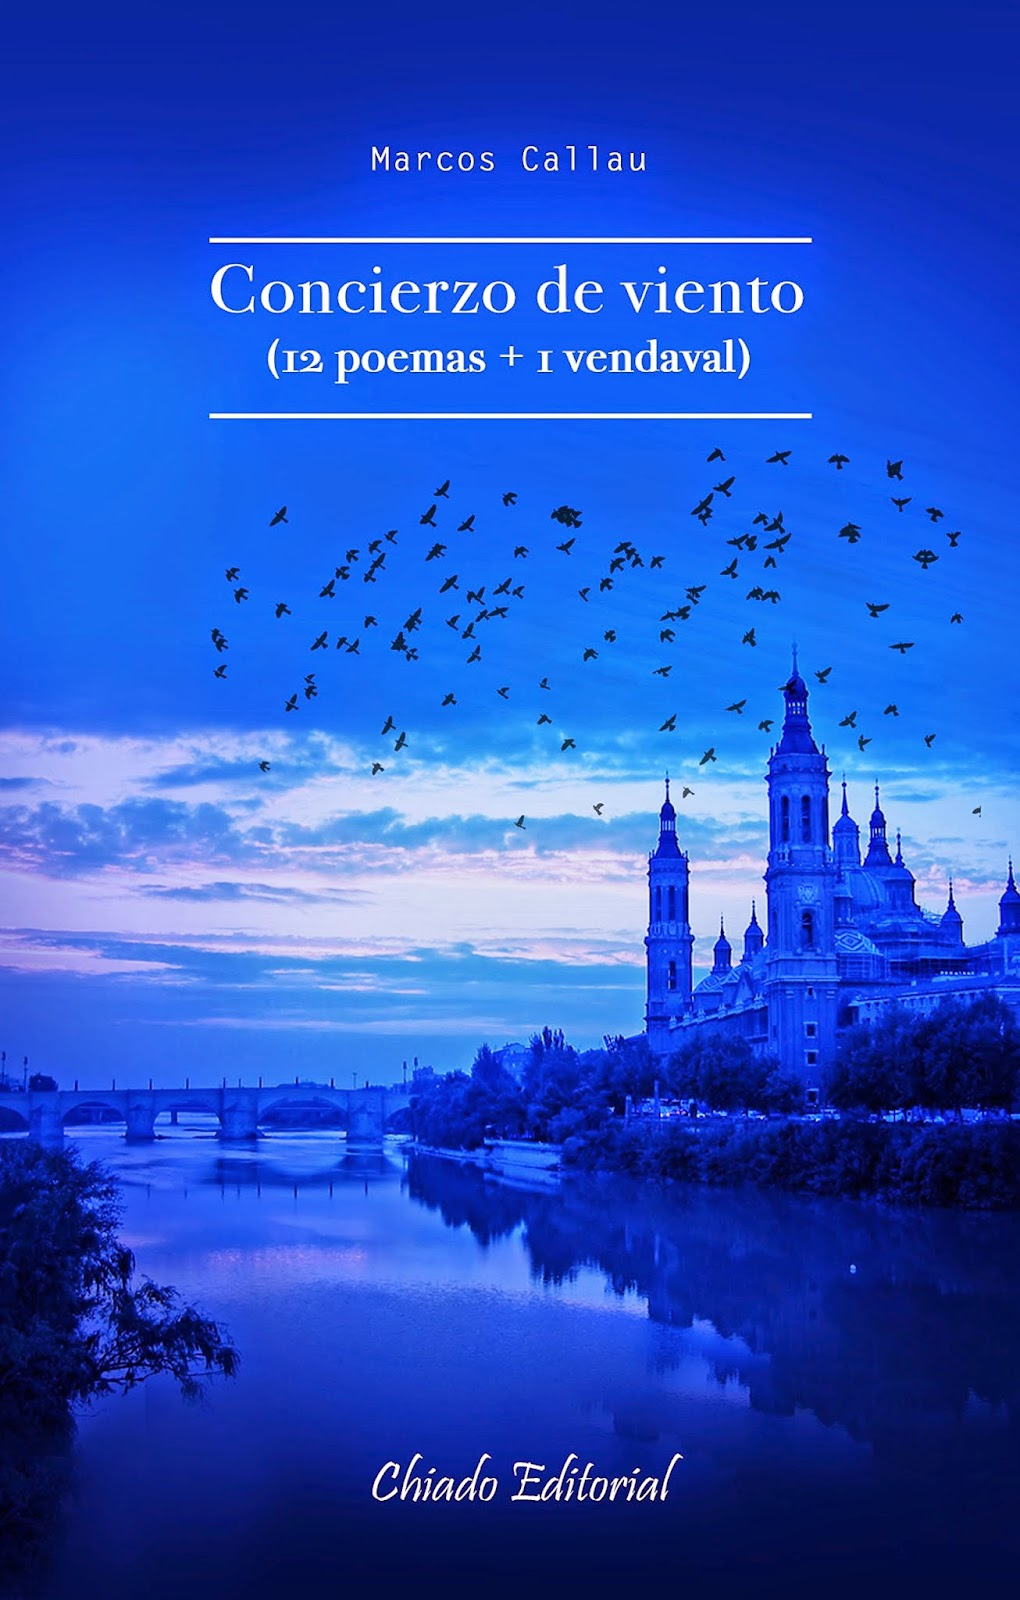 Concierzo de viento (12 poemas + 1 vendaval), / Marcos Callau